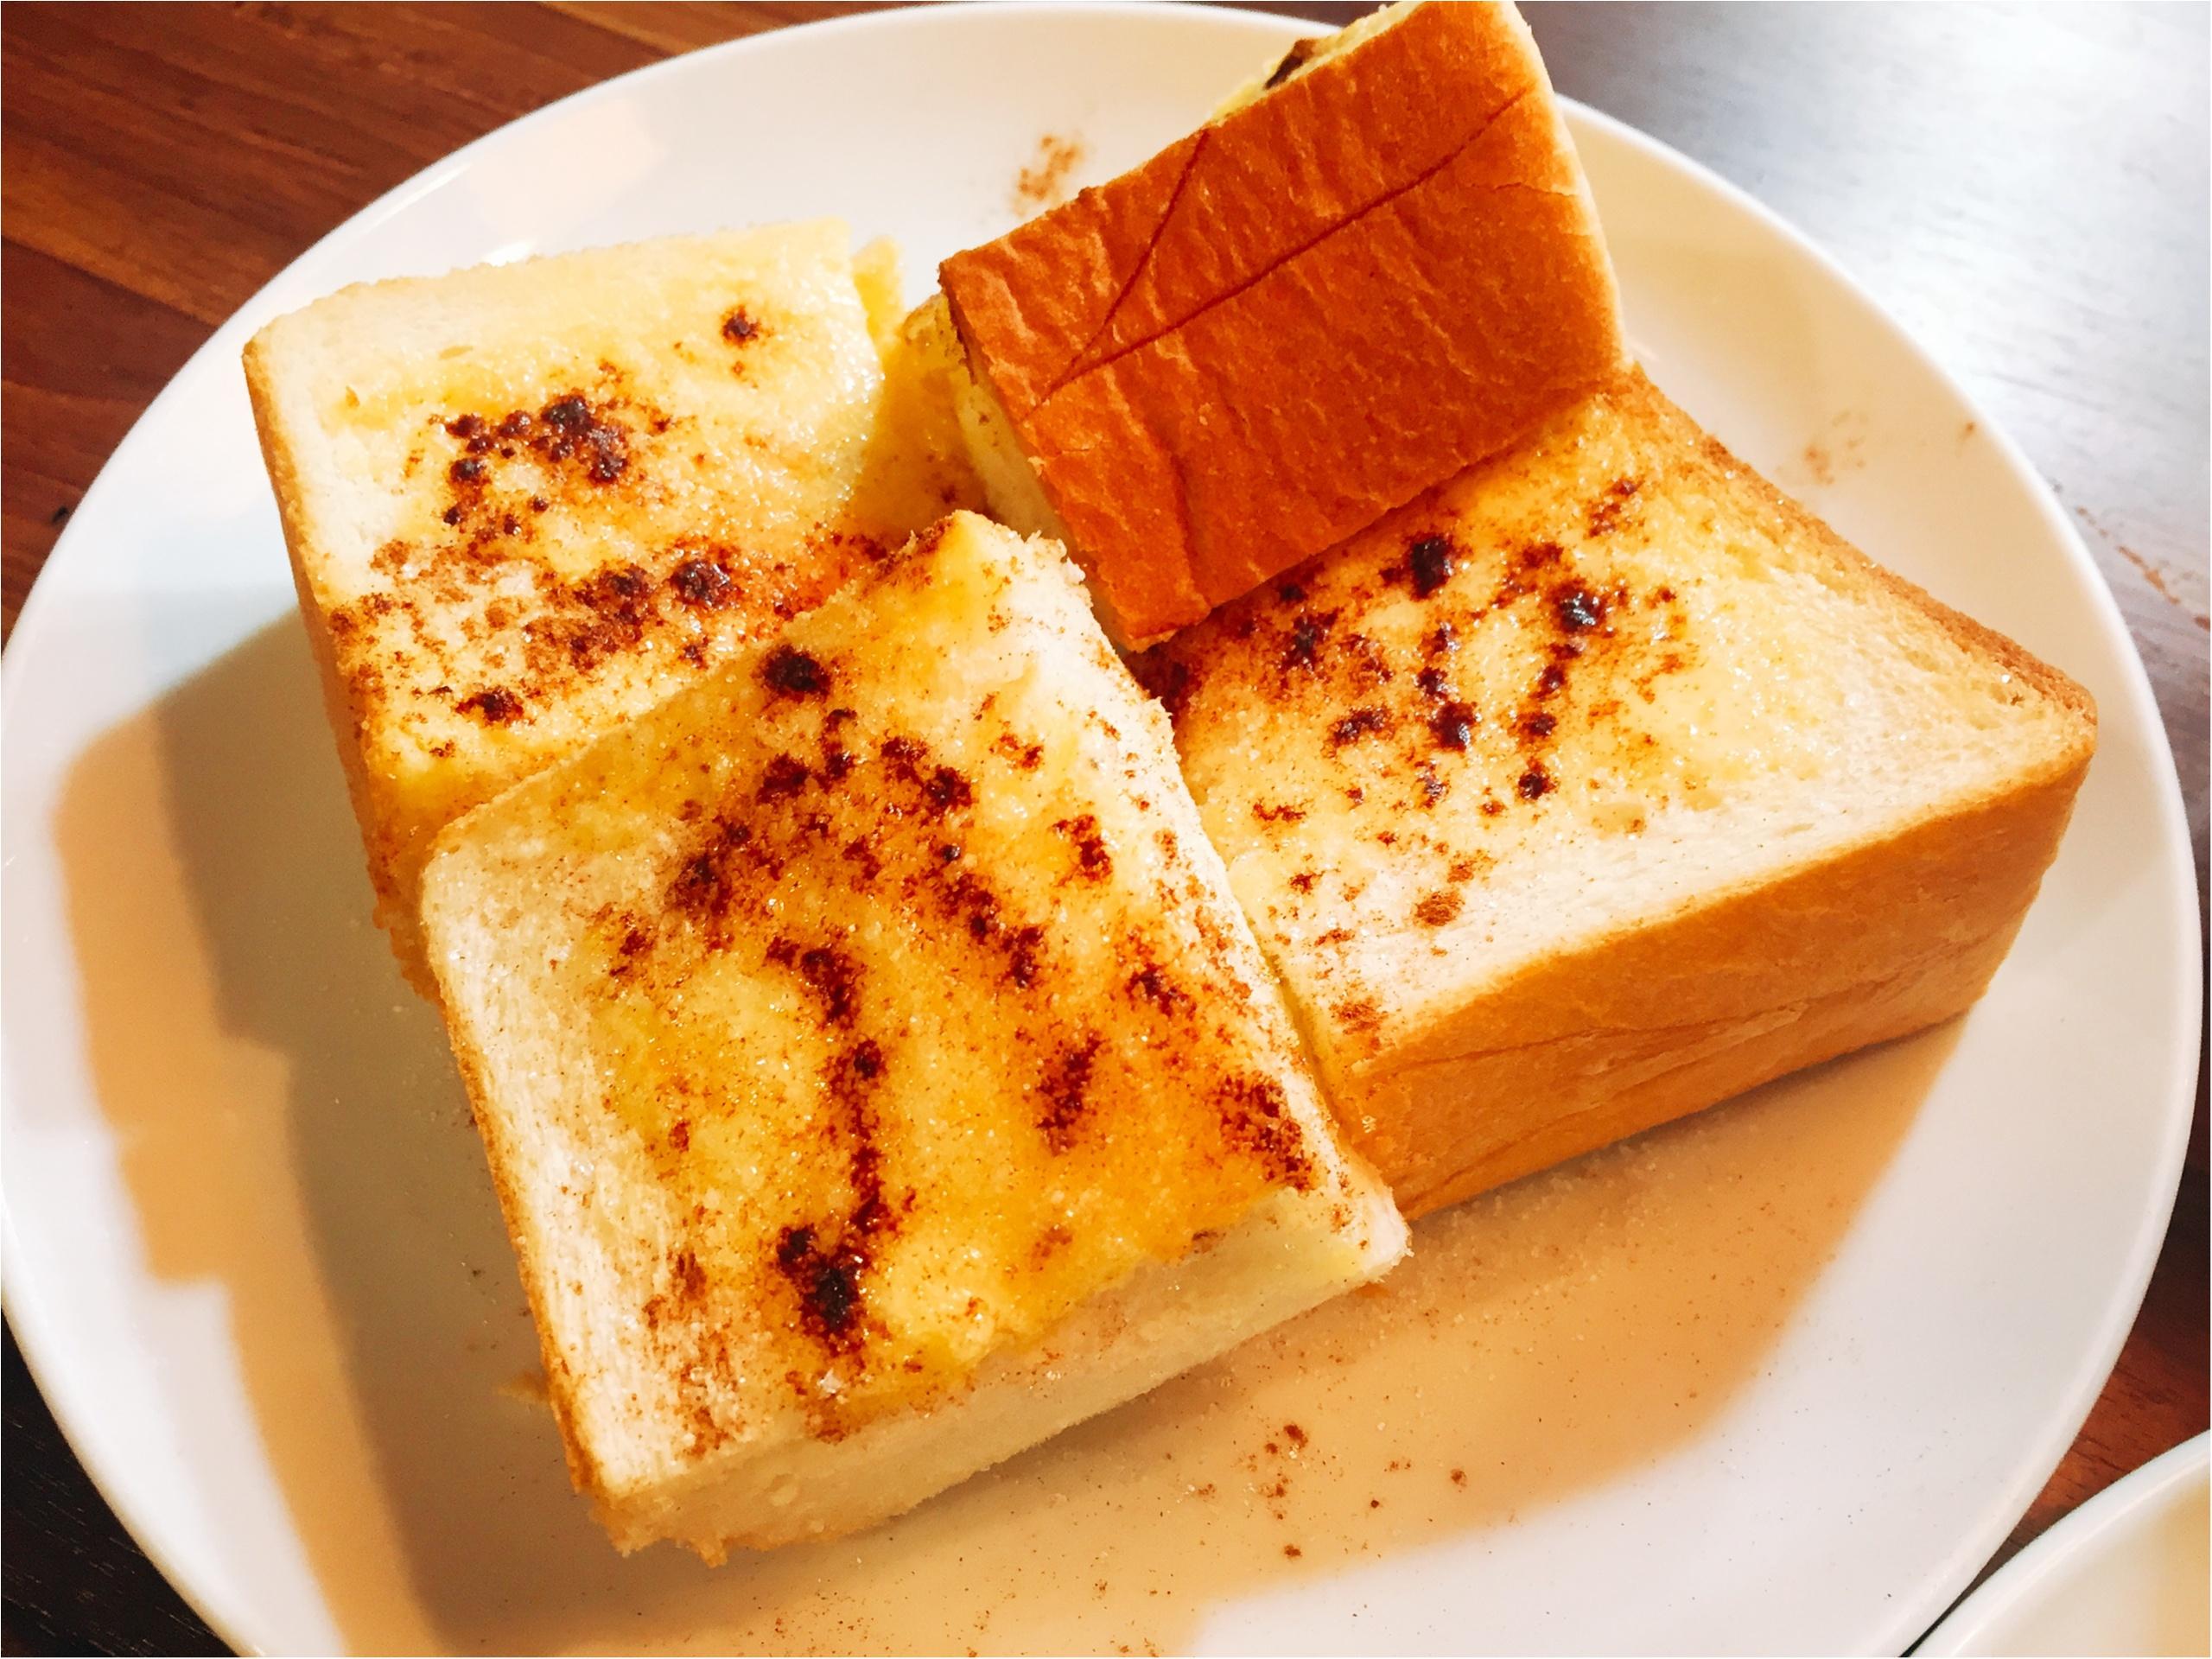 【名古屋グルメ】喫茶店「アバンテ」のトースト♡名駅内でサクッと軽食に◎_5